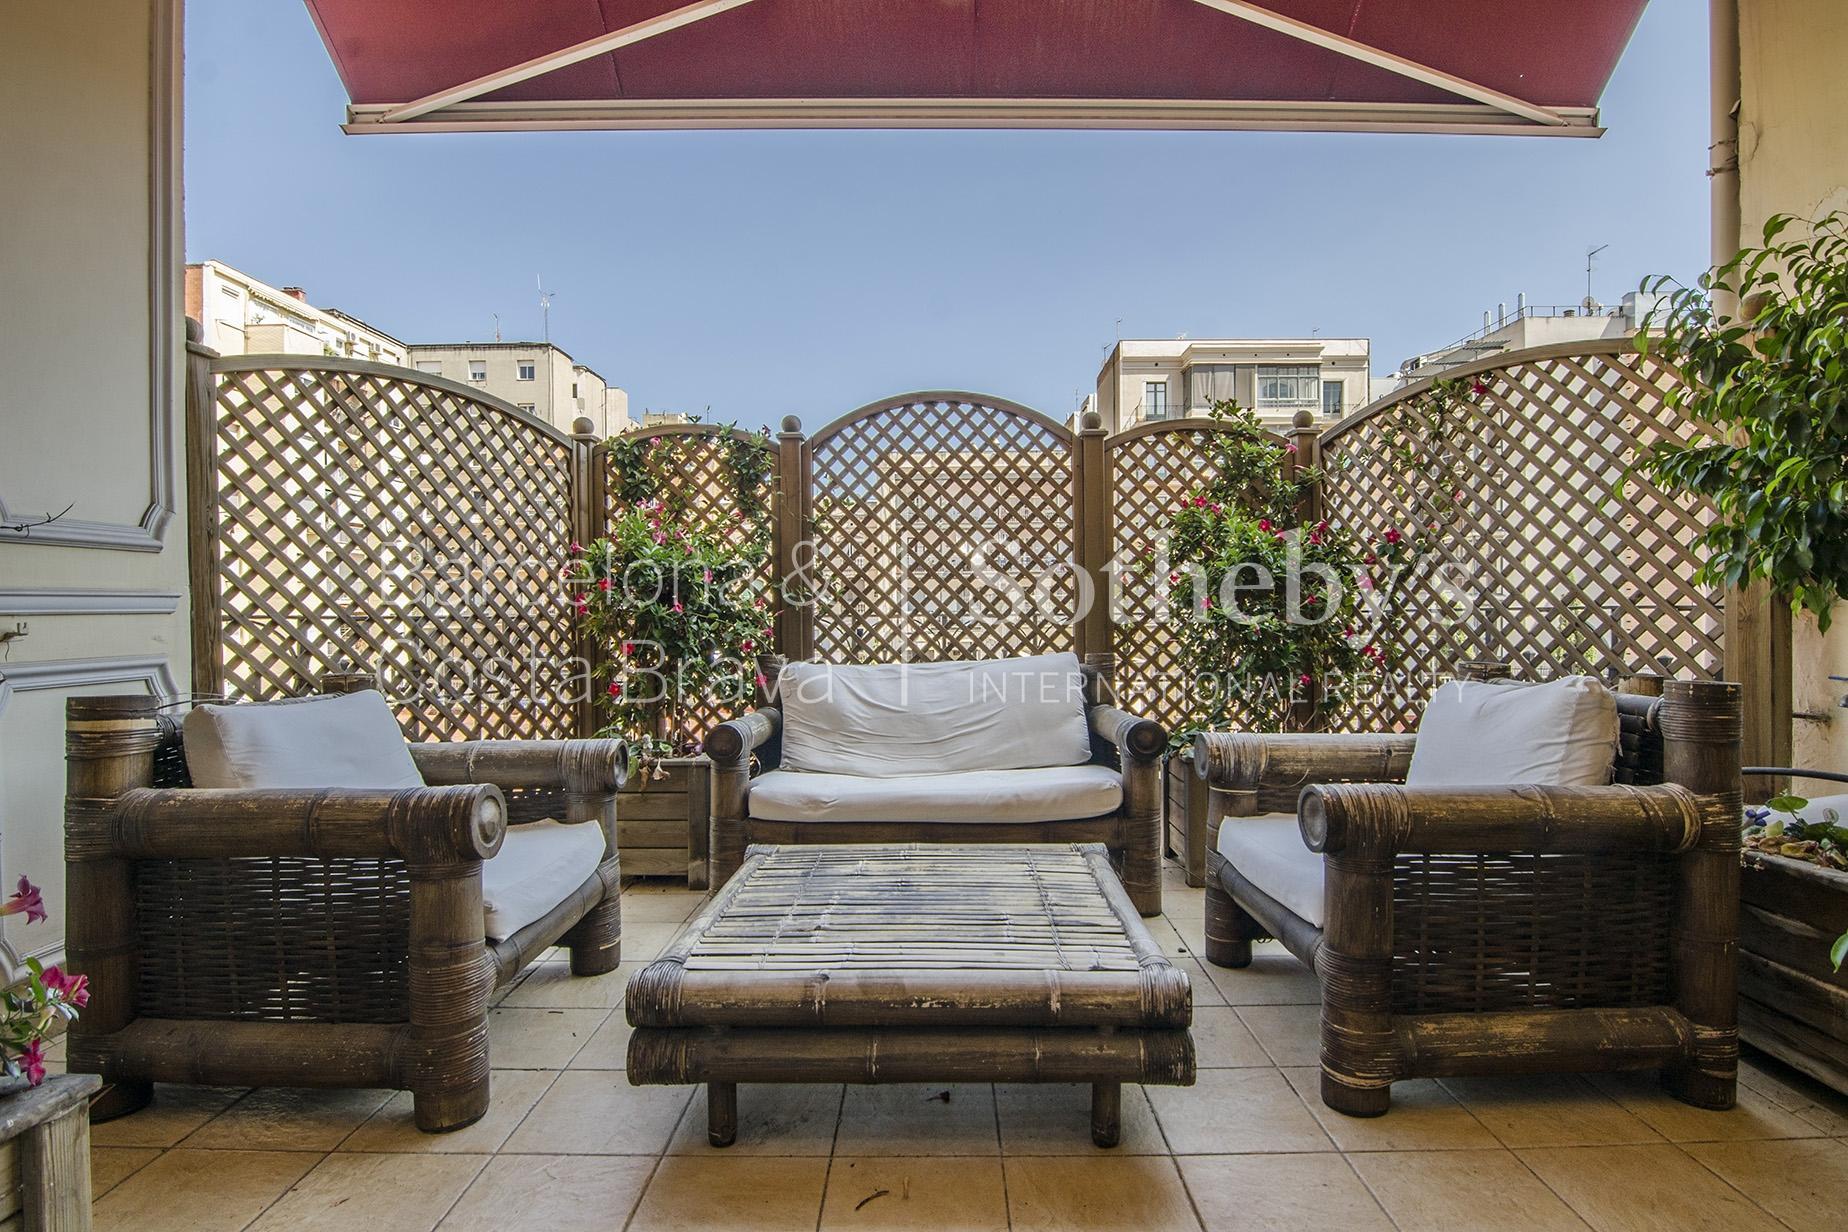 Квартира для того Продажа на Stately Flat in Eixample Eixample, Barcelona City, Barcelona 08007 Испания